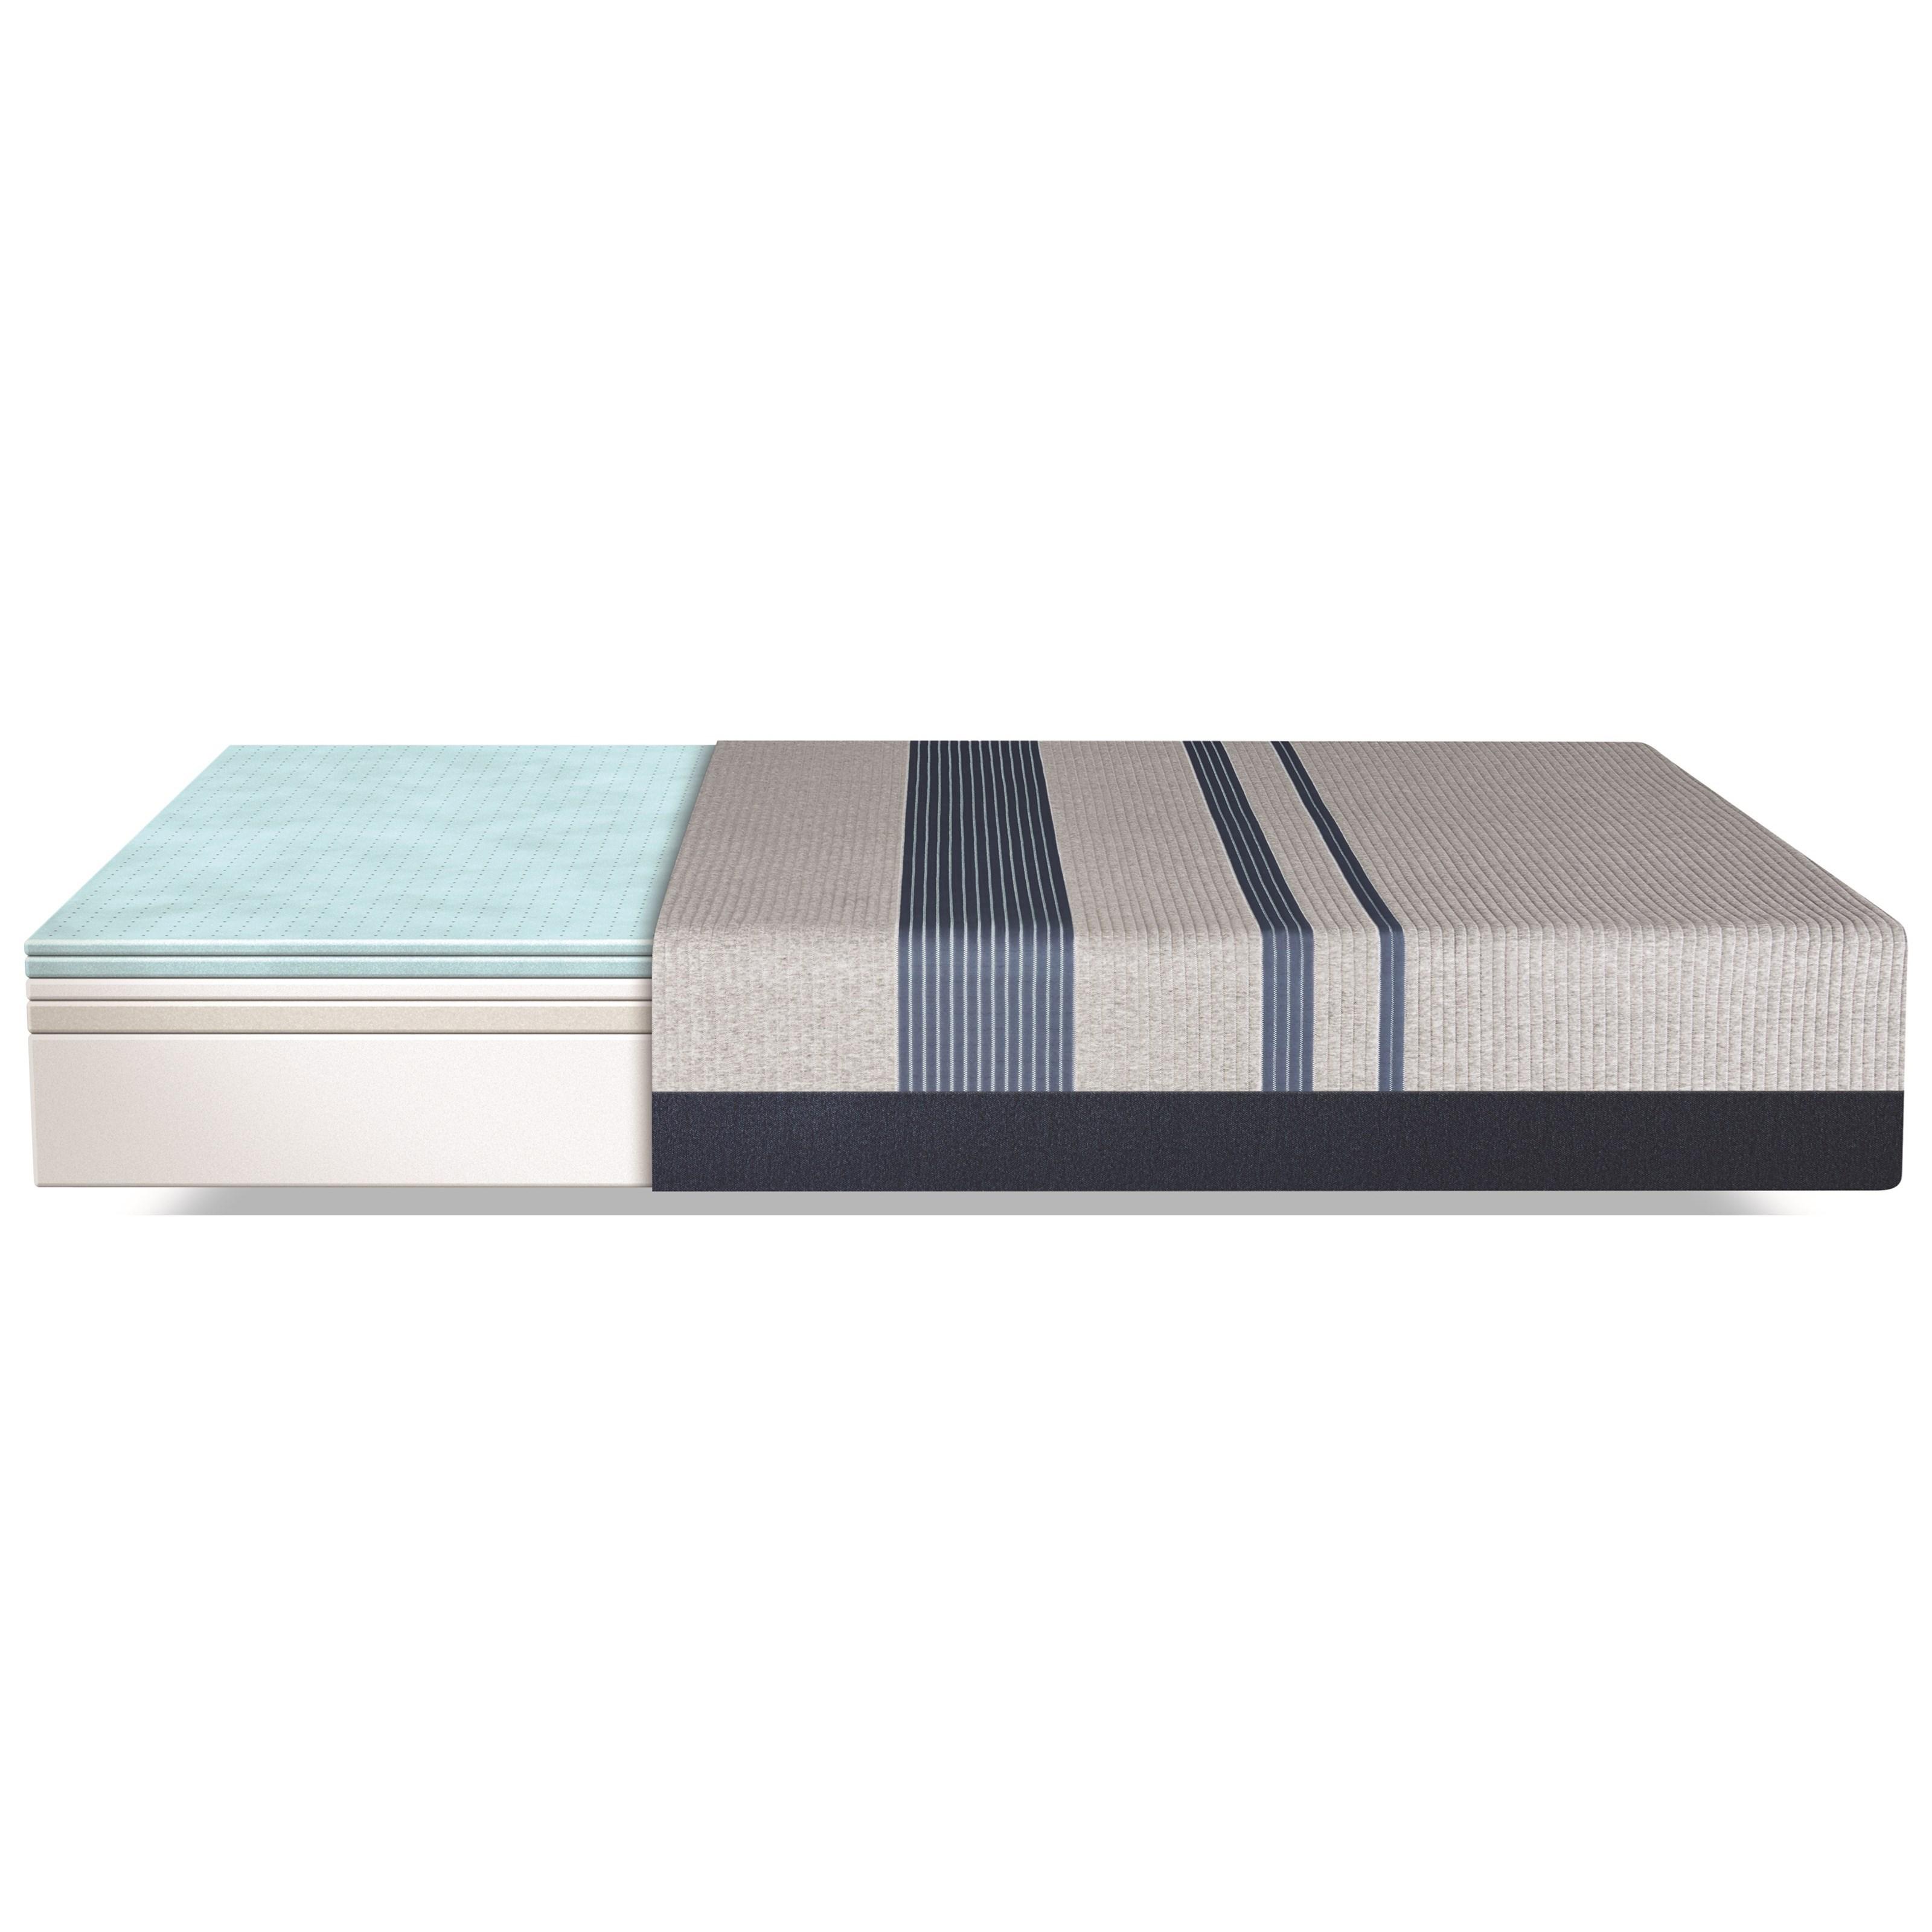 Serta Adjustable Bed Frame Parts : Serta adjustable beds bed problems we carry